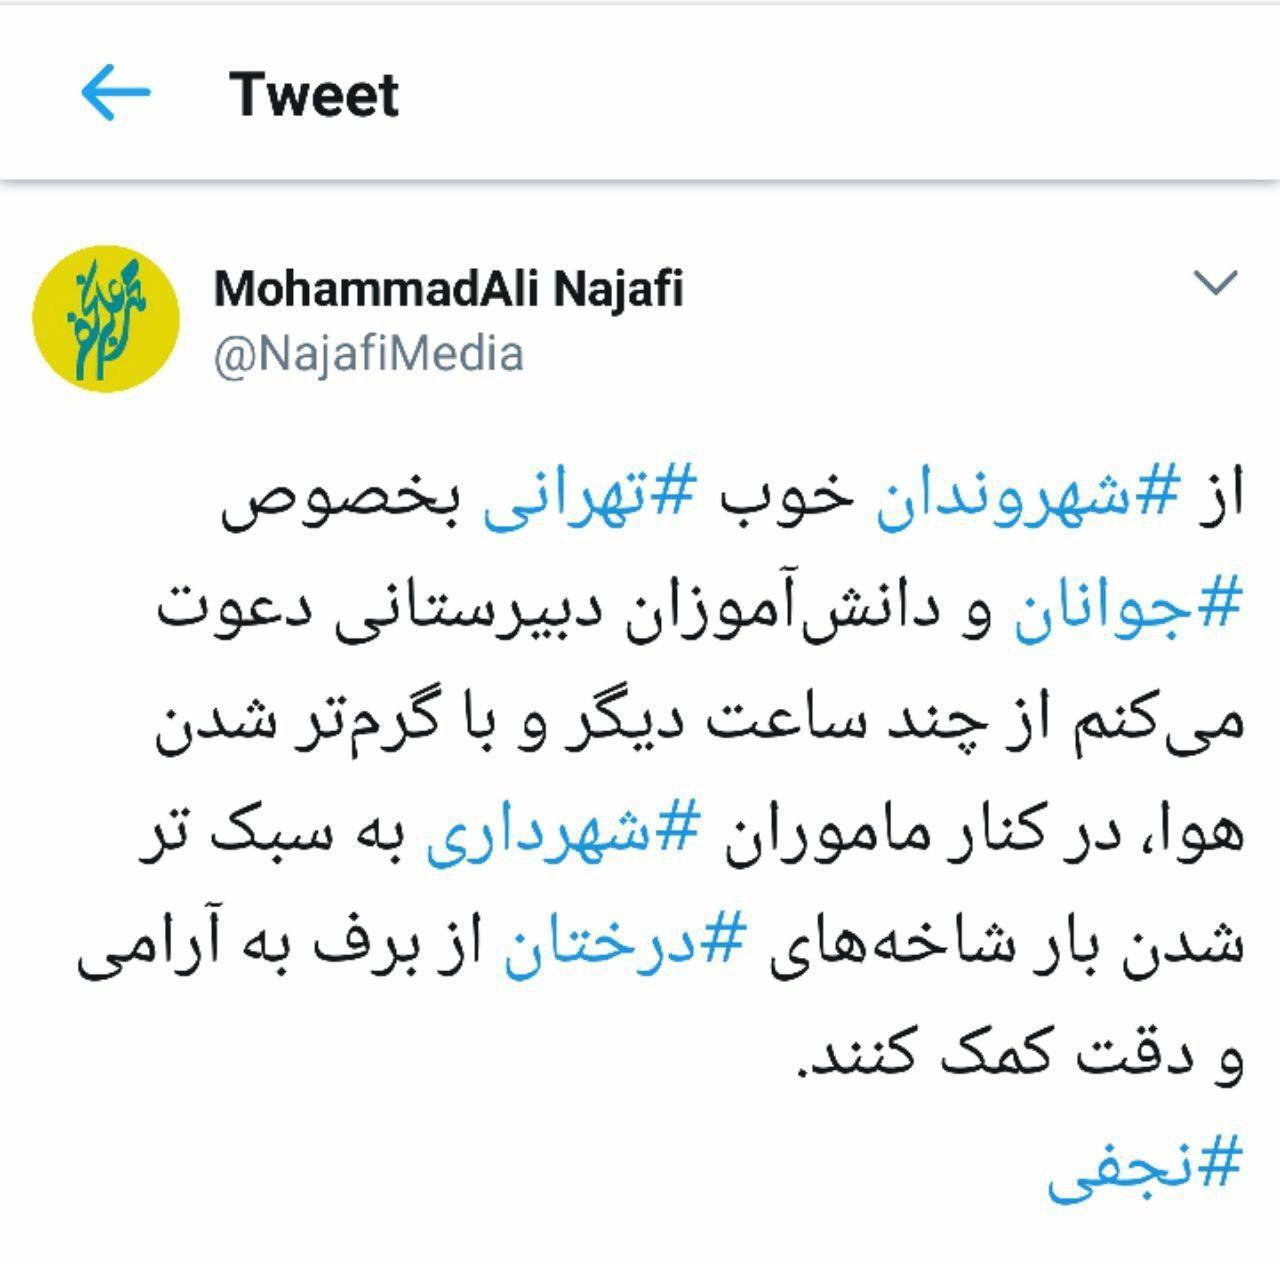 دعوت شهردار پایتخت از جوانان تهرانی برای کمک به برفروبی از درختان شهر